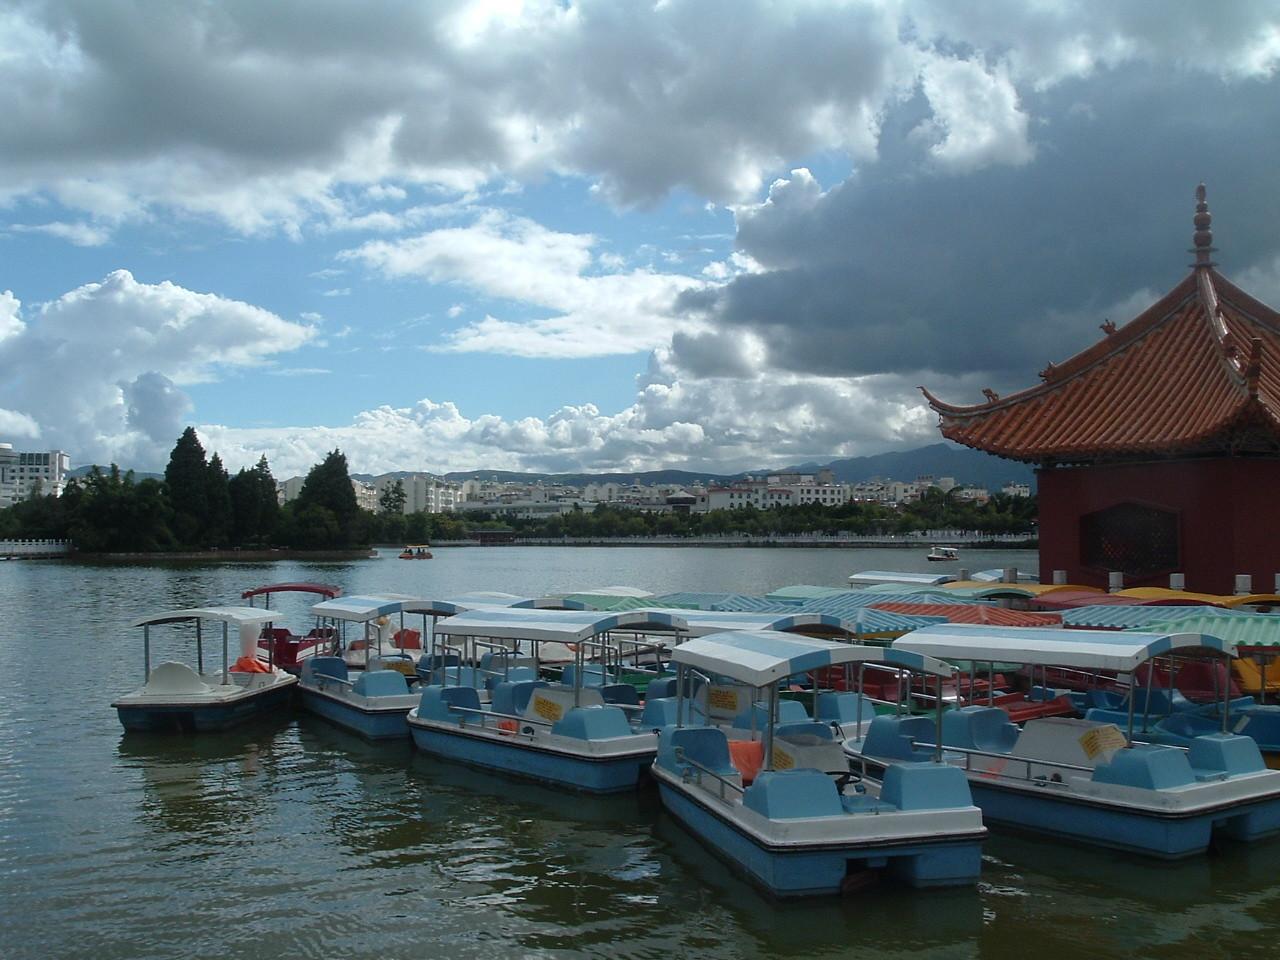 f:id:huixing:20110821073345j:image